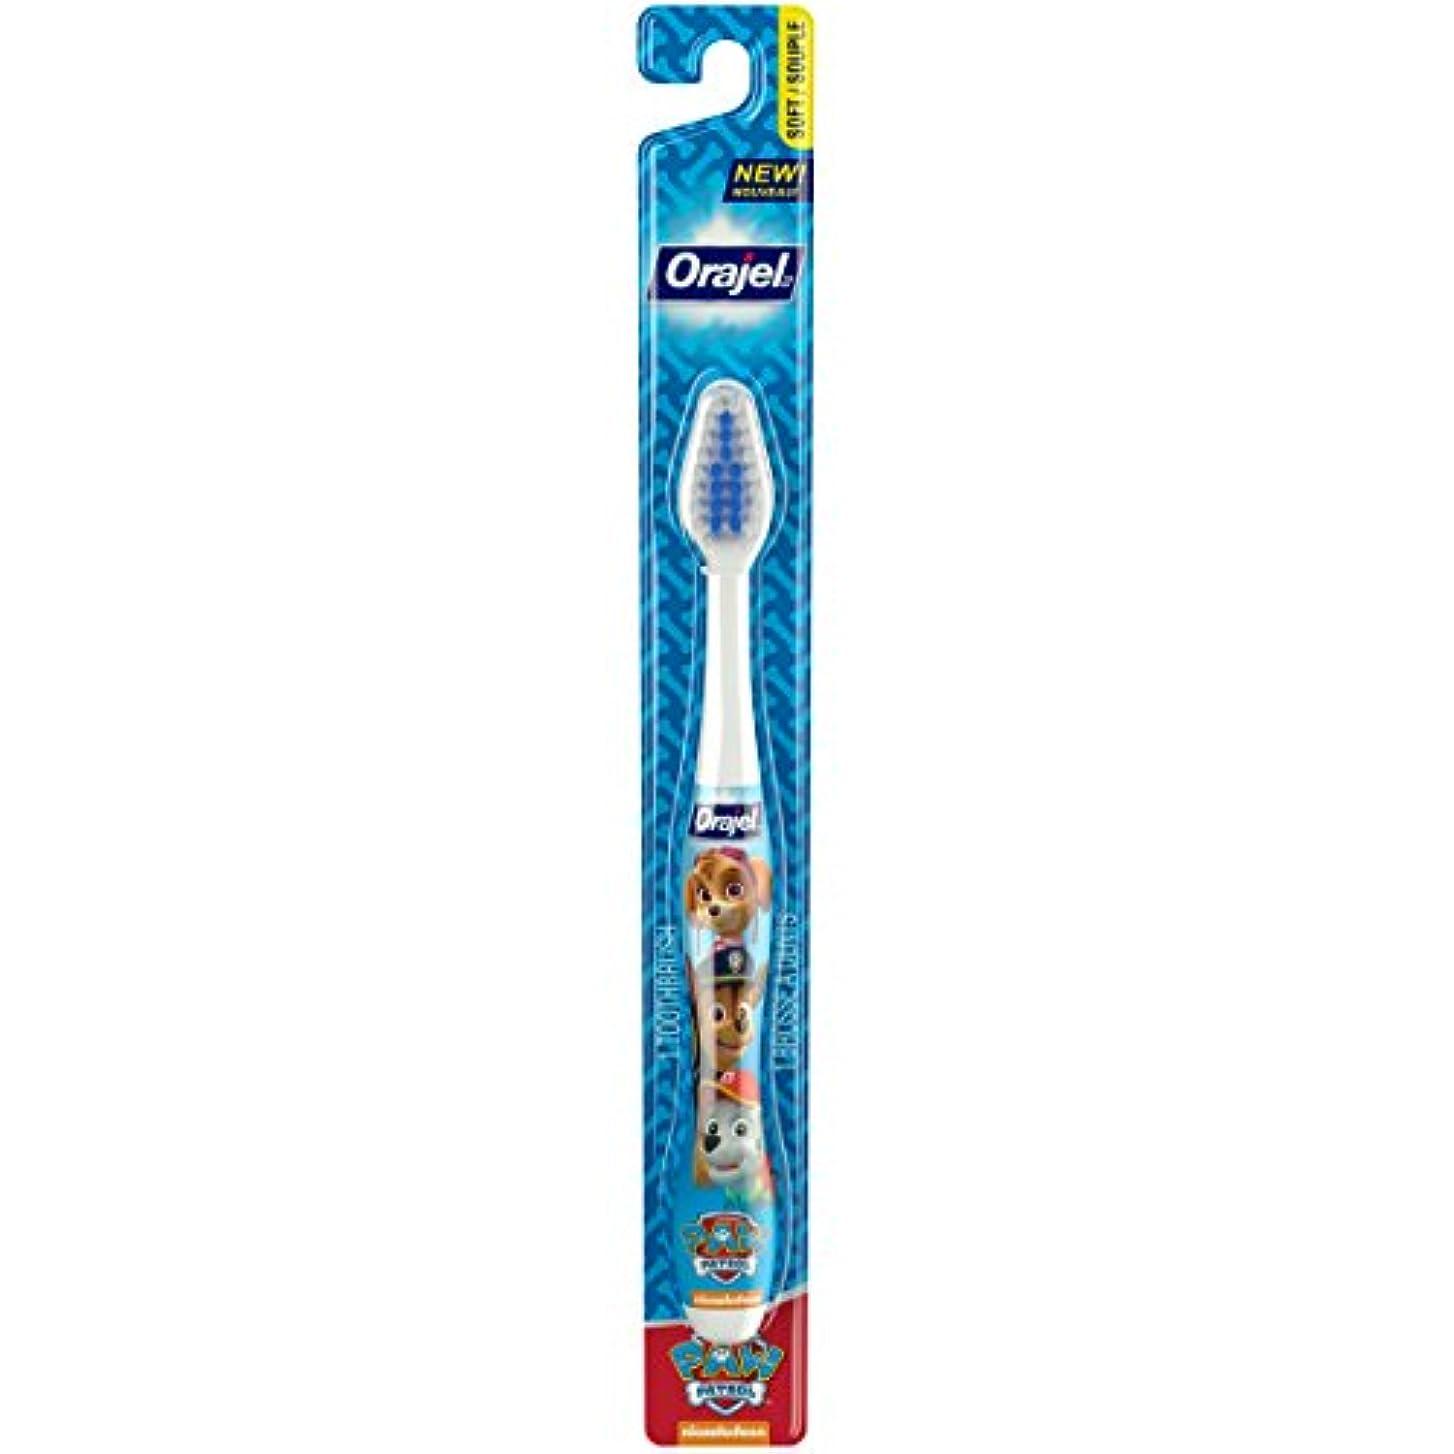 いつリスキーな塊Orajel ポウパトロール幼児の歯ブラシ